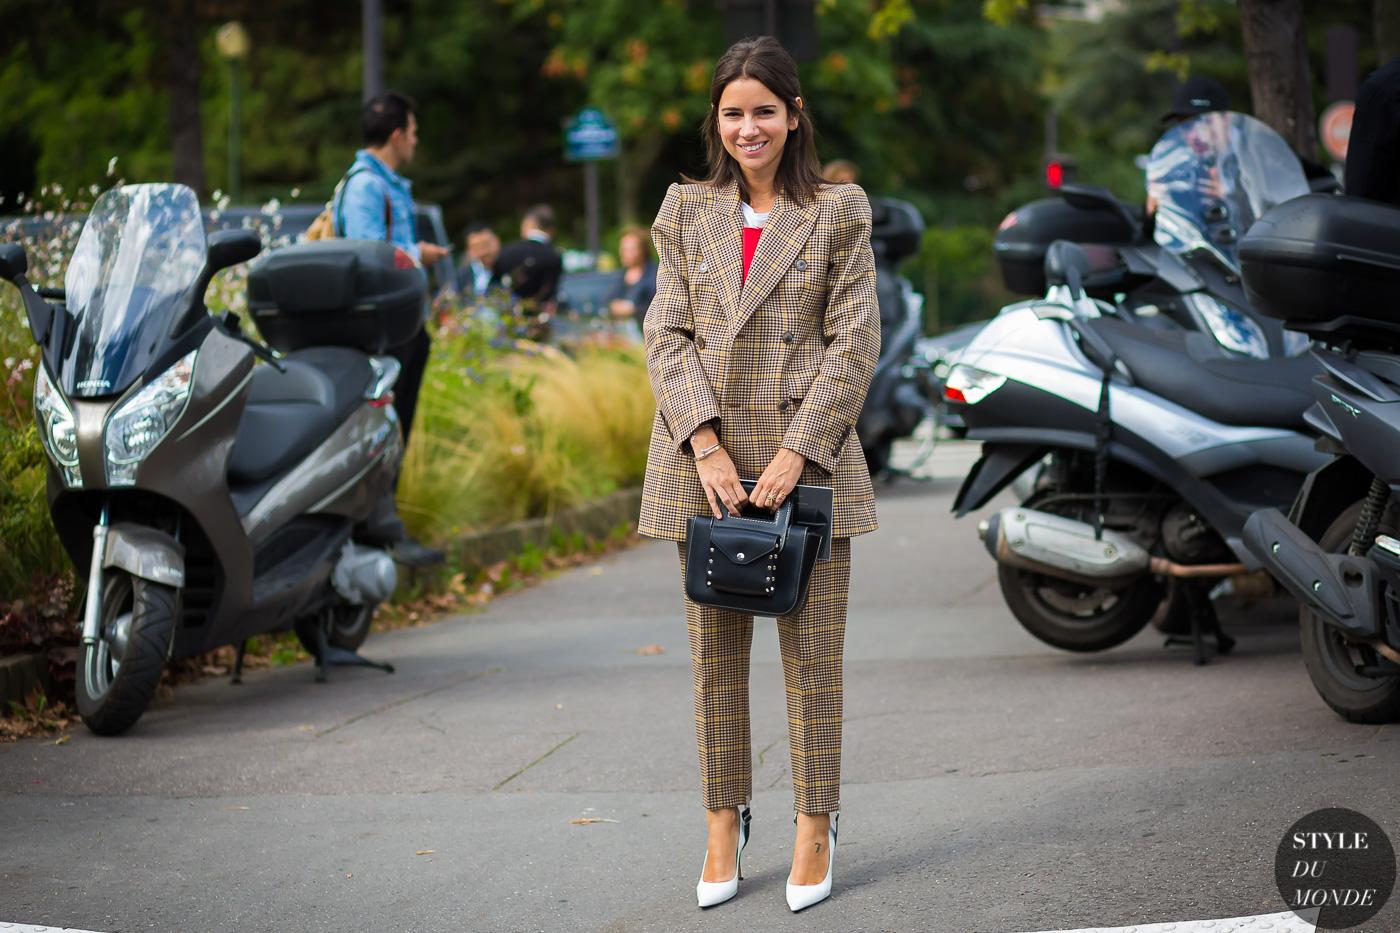 natasha-goldenberg-by-styledumonde-street-style-fashion-photography